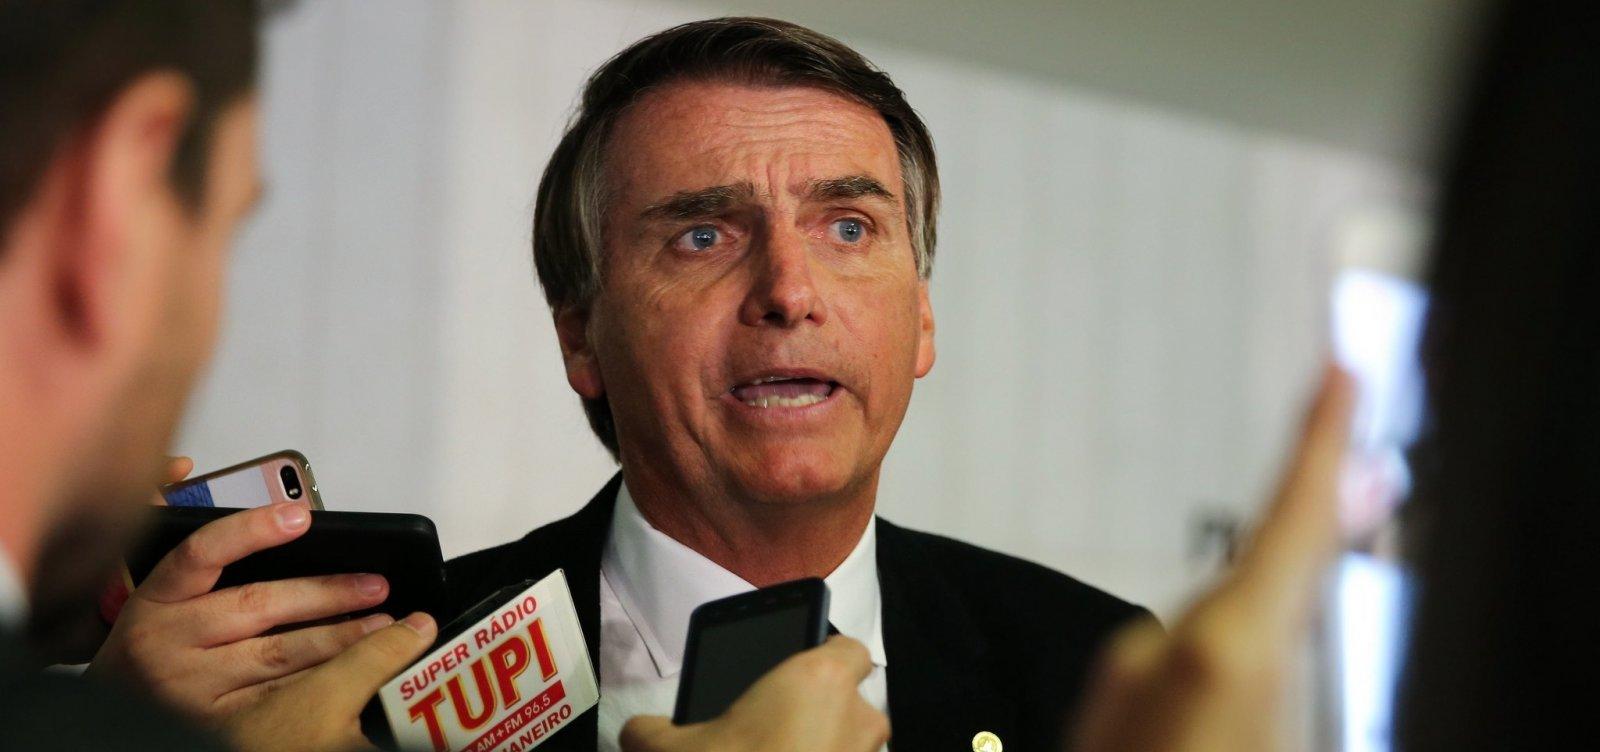 Nova cirurgia de Bolsonaro é menos arriscada que anteriores, diz cirurgião